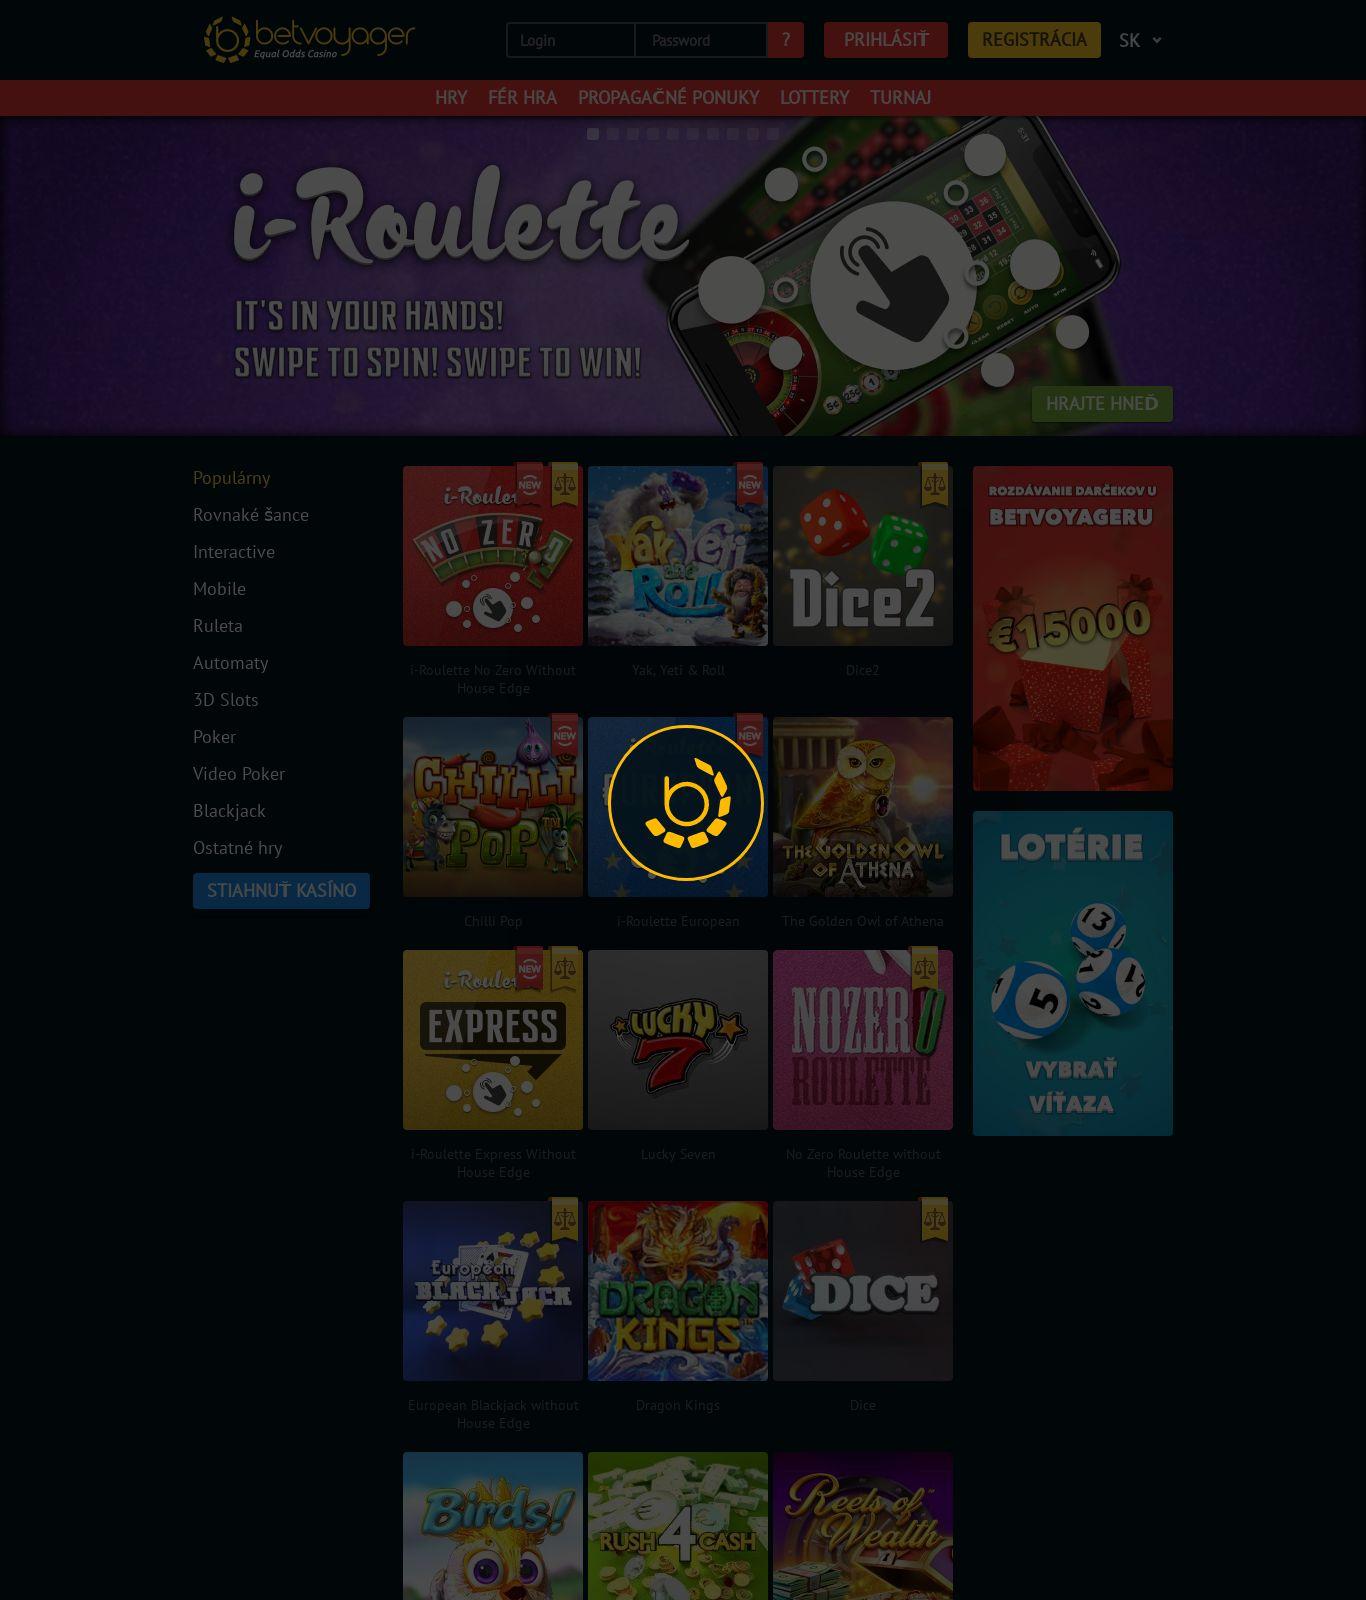 Gta online casino heist loud guide